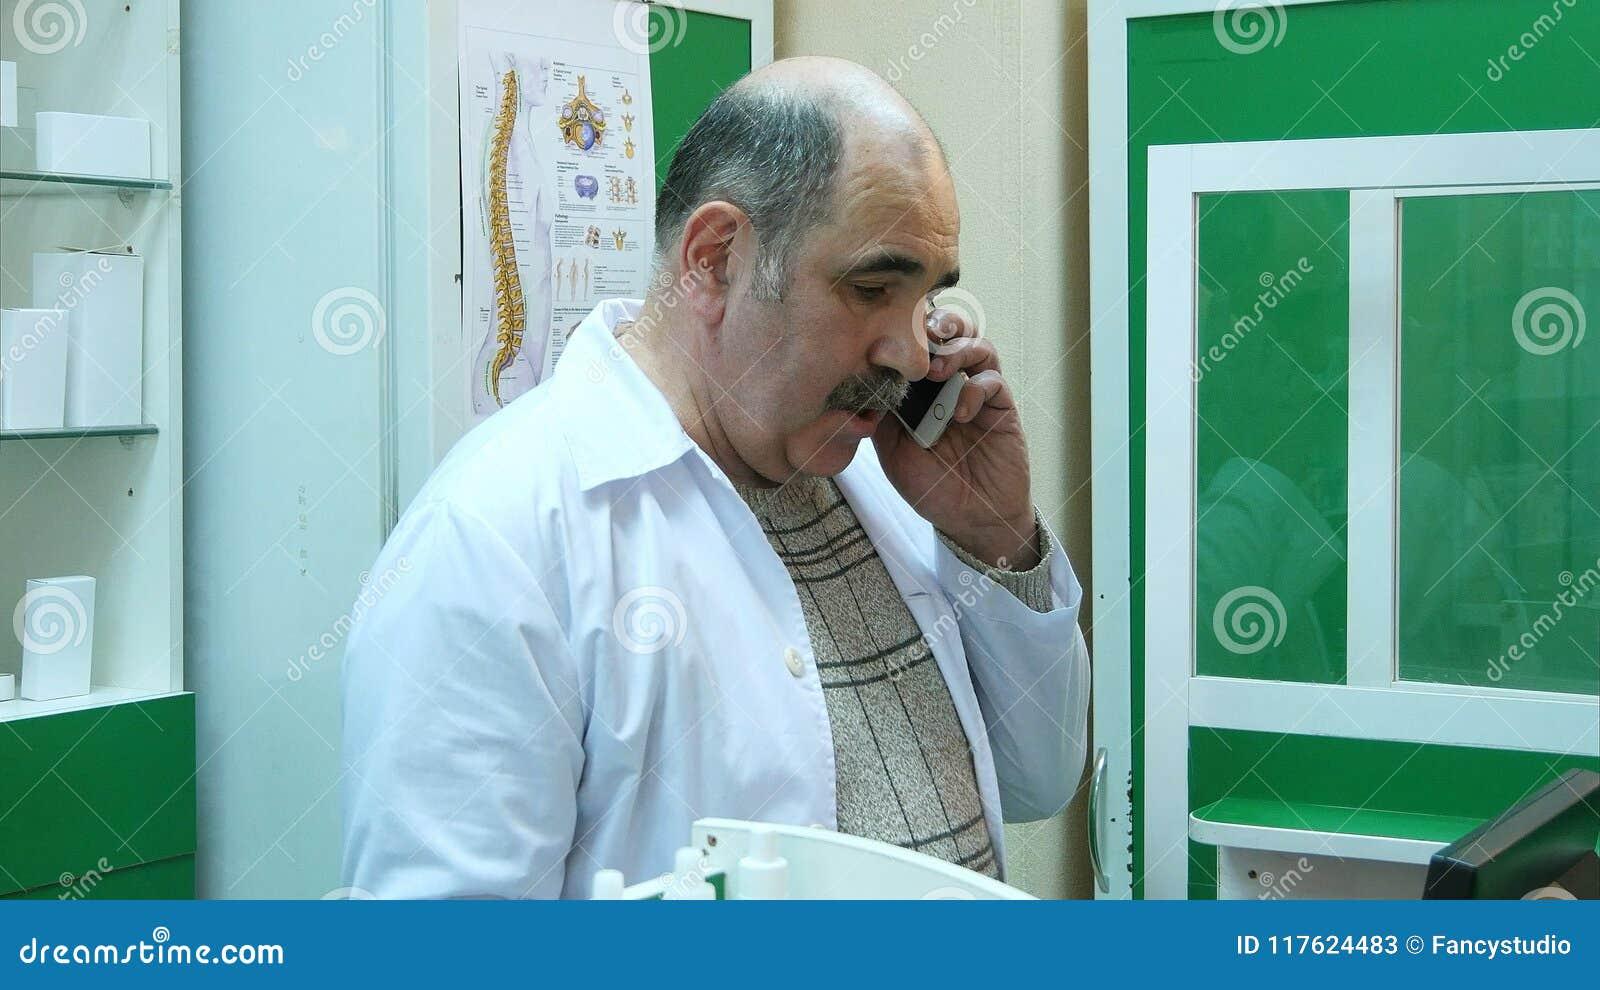 Hög apotekare som talar på mobiltelefonen, medan kontrollera receptet i apotek